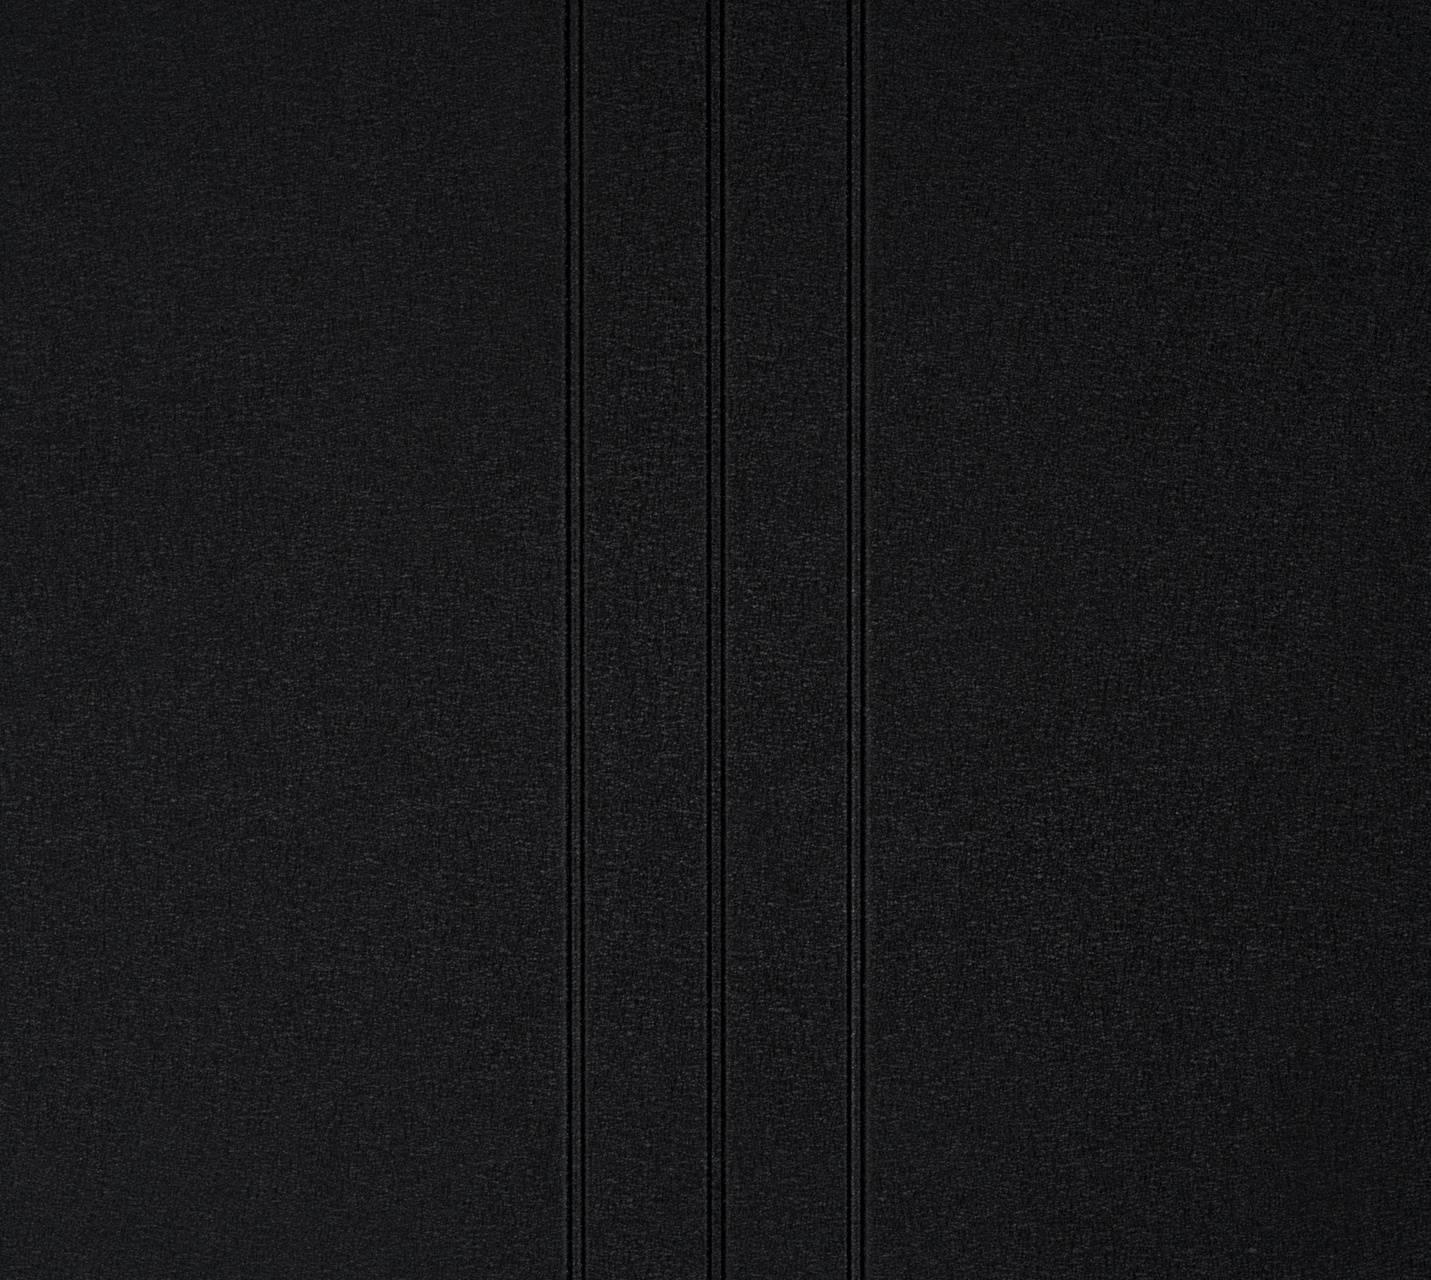 dark black stripes